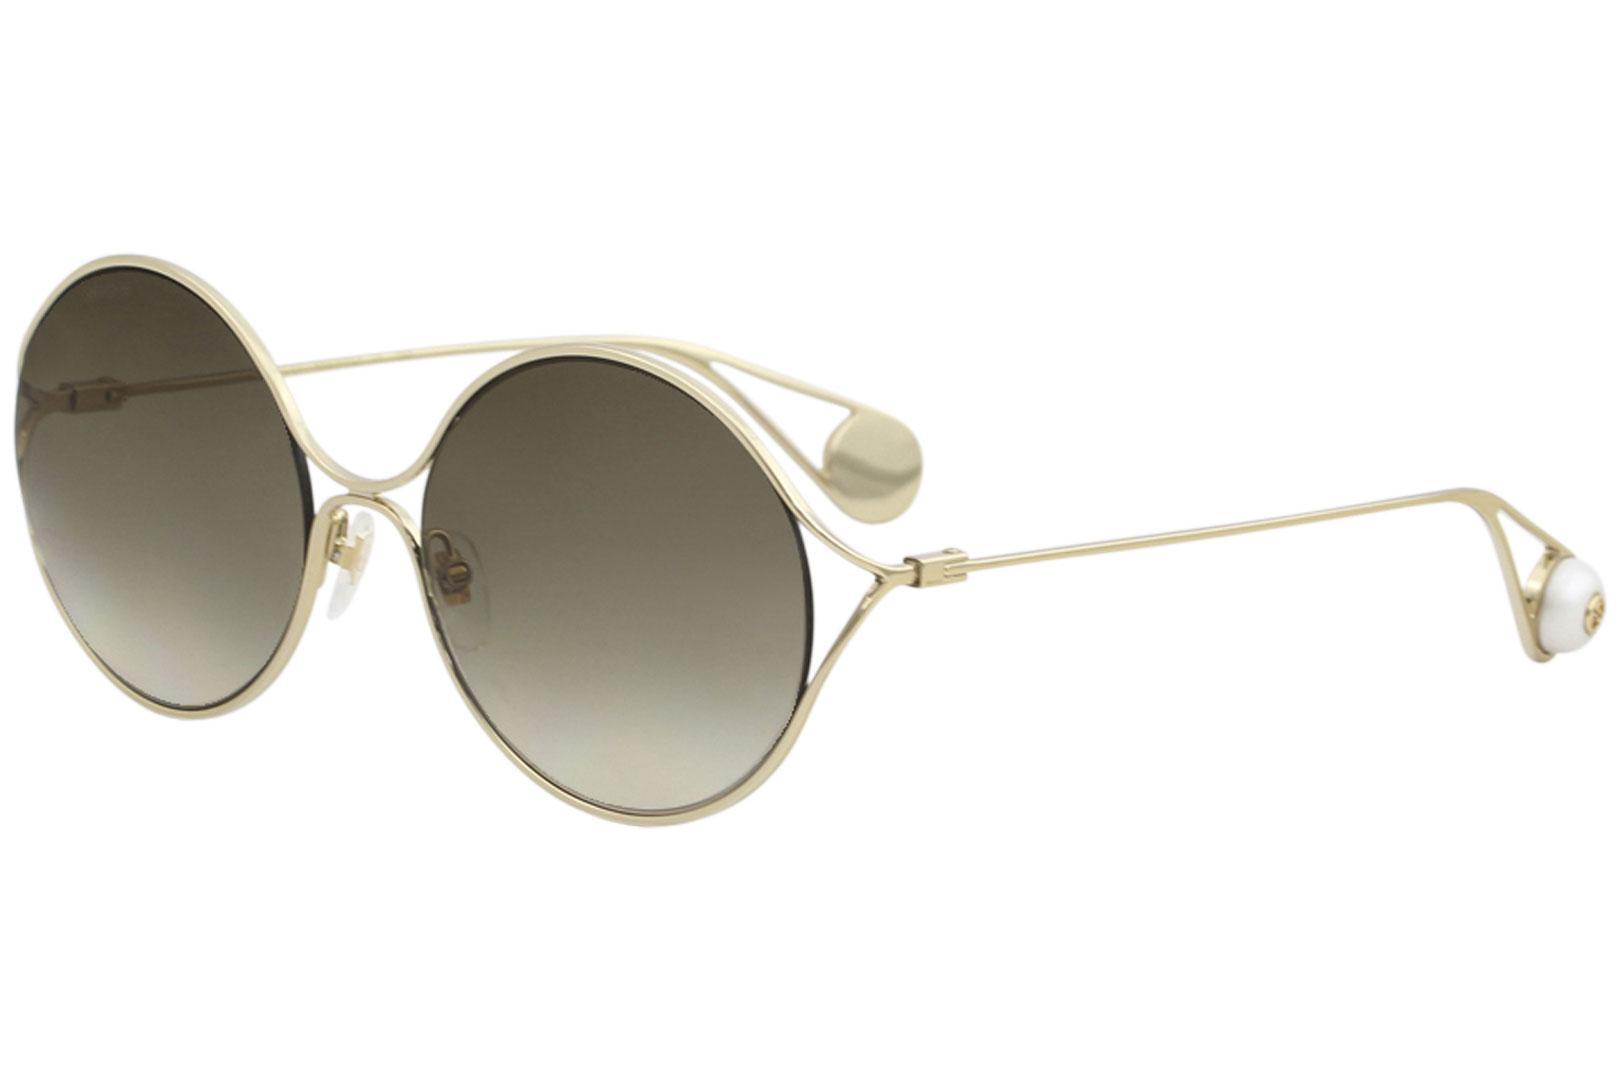 f760f710711 Gucci Women s Sensual Romantic GG0253S GG 0253 S Fashion Round Sunglasses